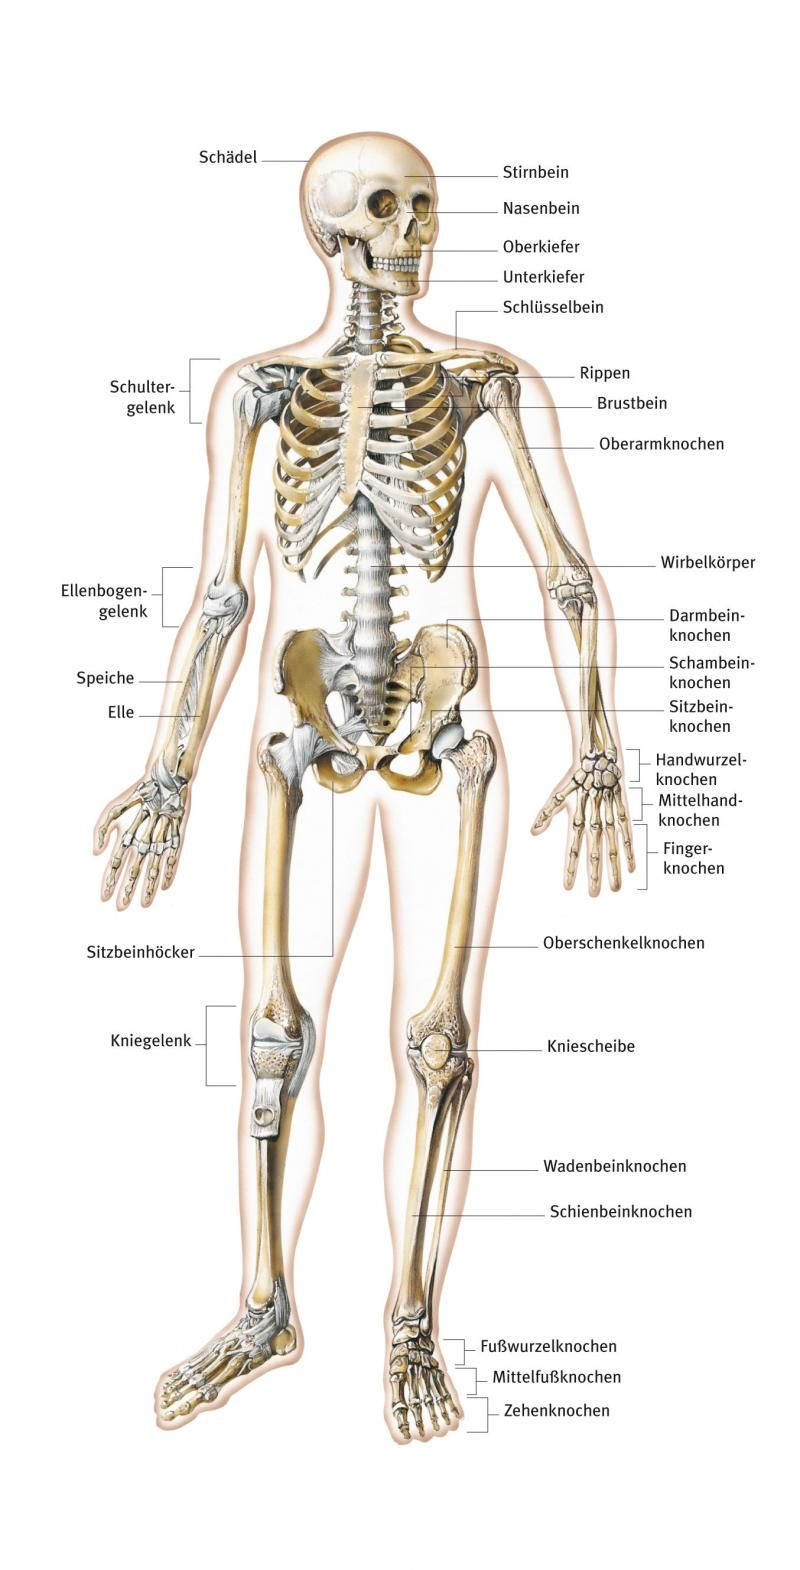 skelett aus dem lexikon r cken back